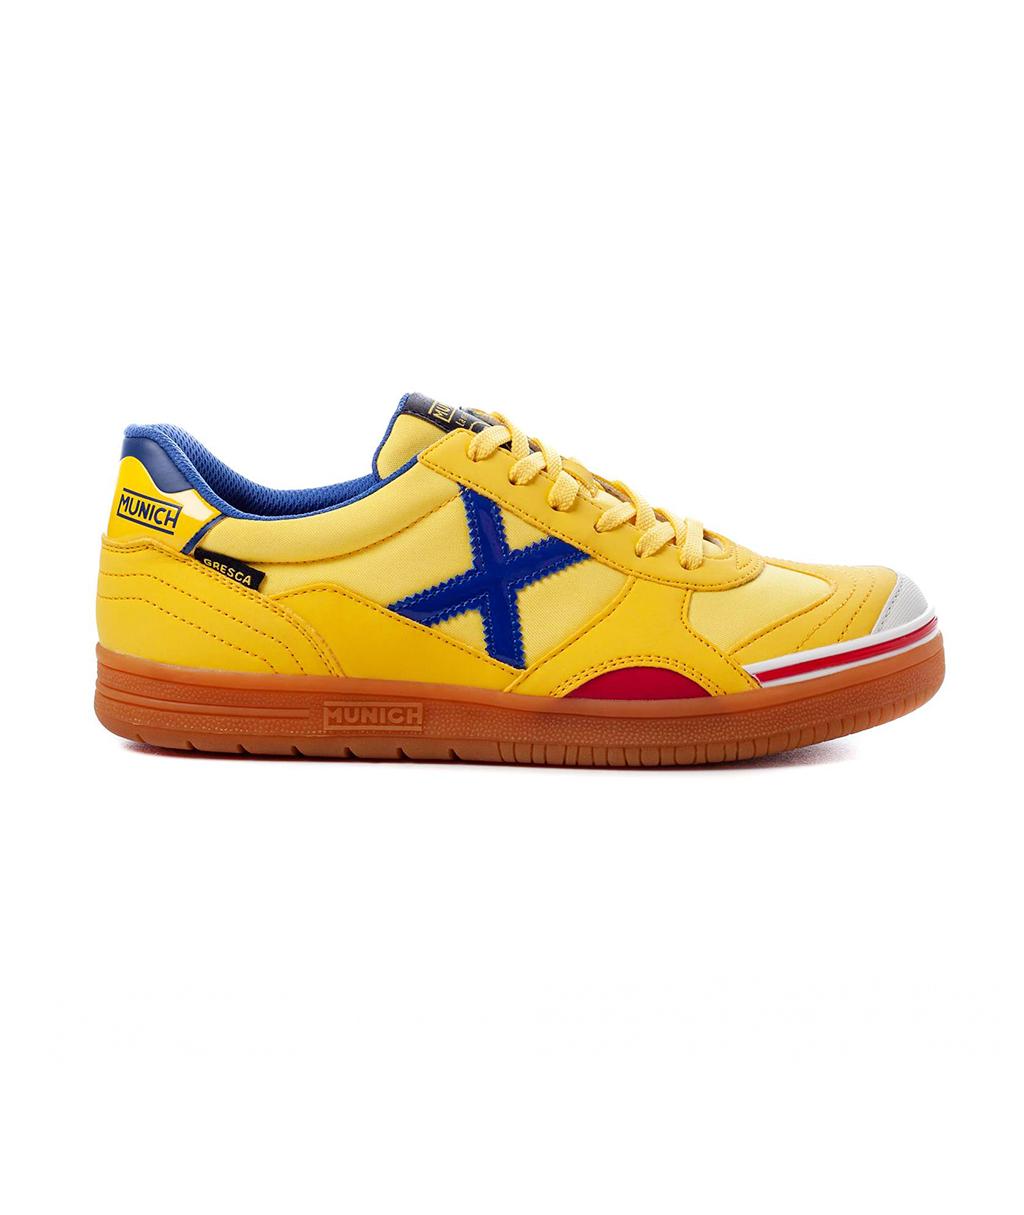 Купить жёлтые Munich Gresca 3000607 в интернет-магазине